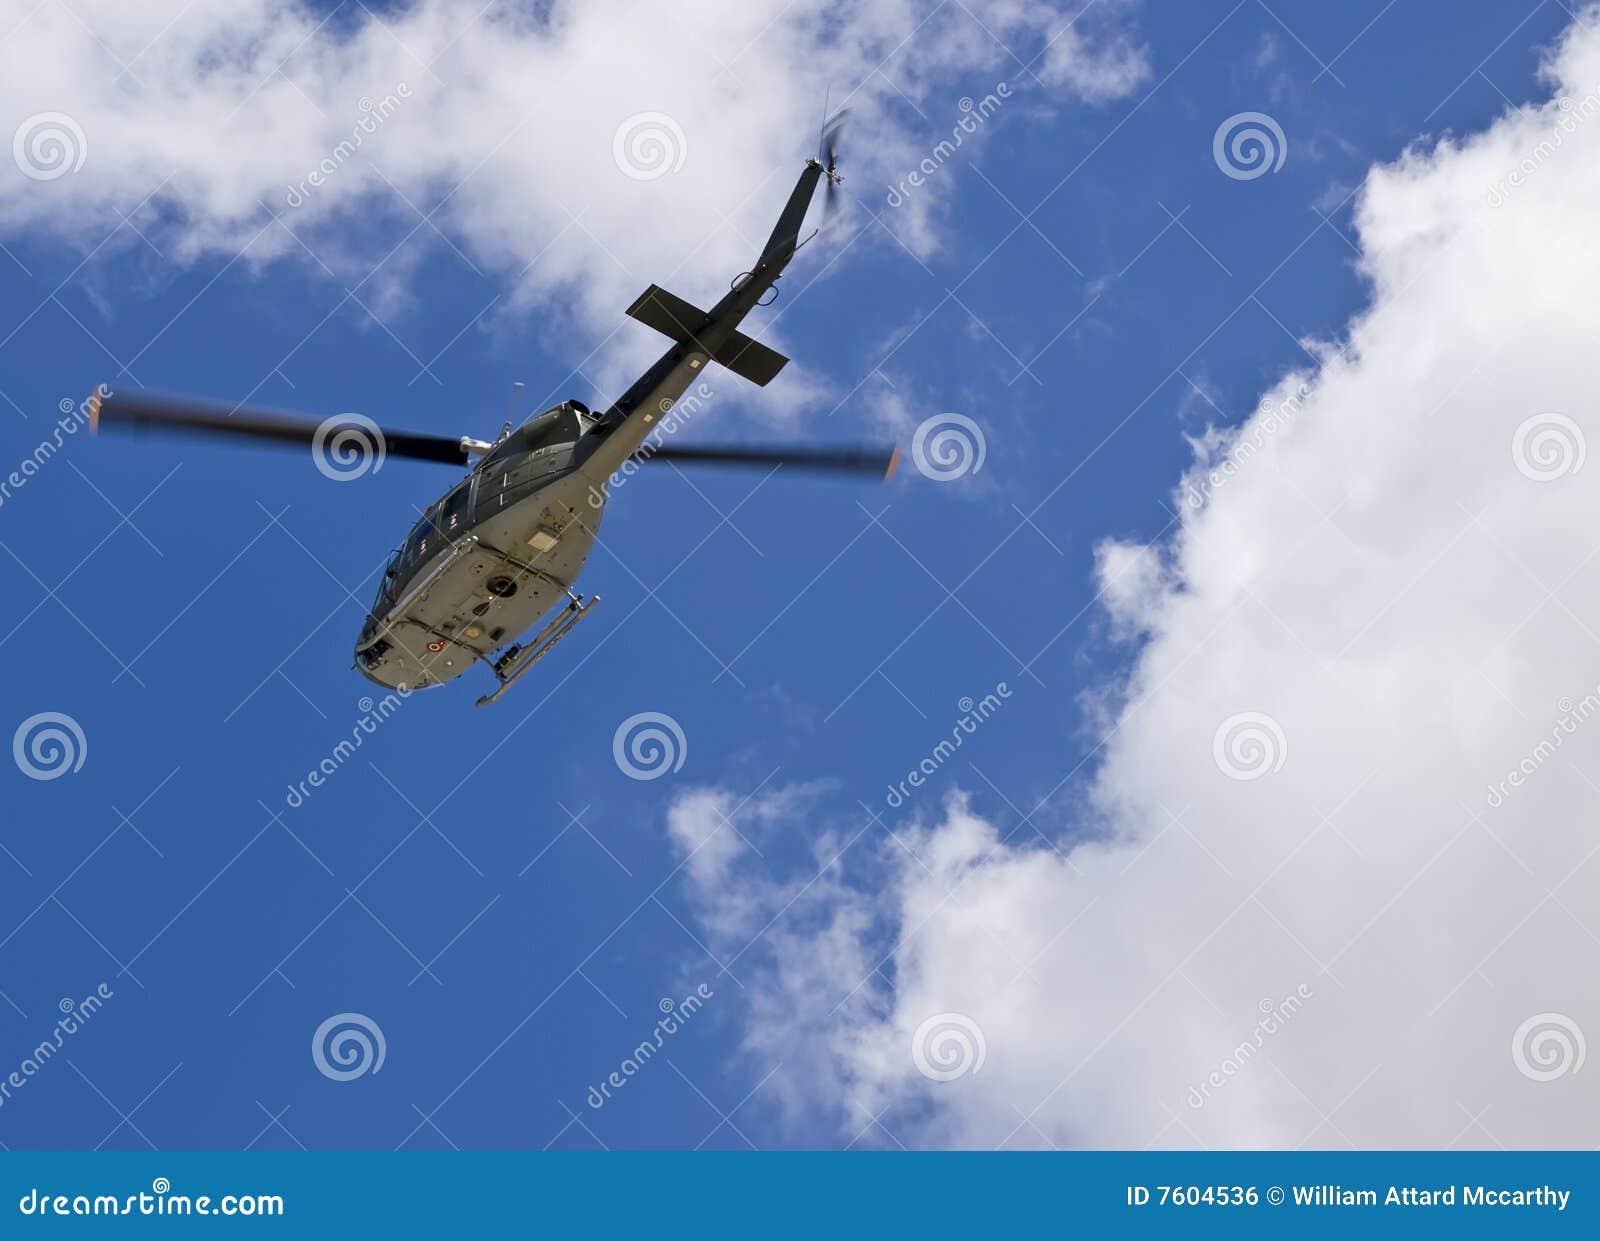 Huey救伤直升机n uh1